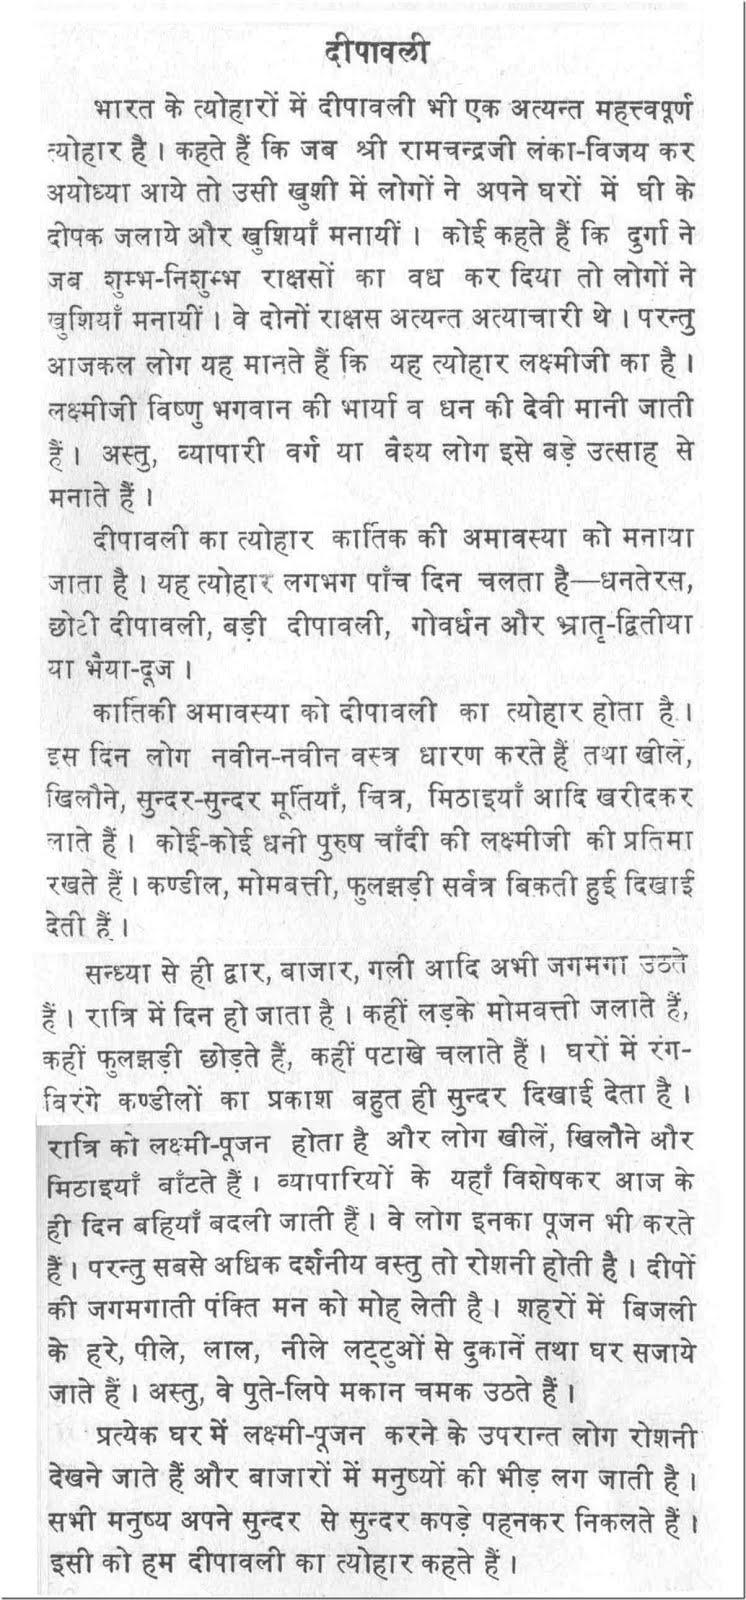 017 Essay Example Diwali20esay20in20hindi Hard Wonderful Work In Urdu Full